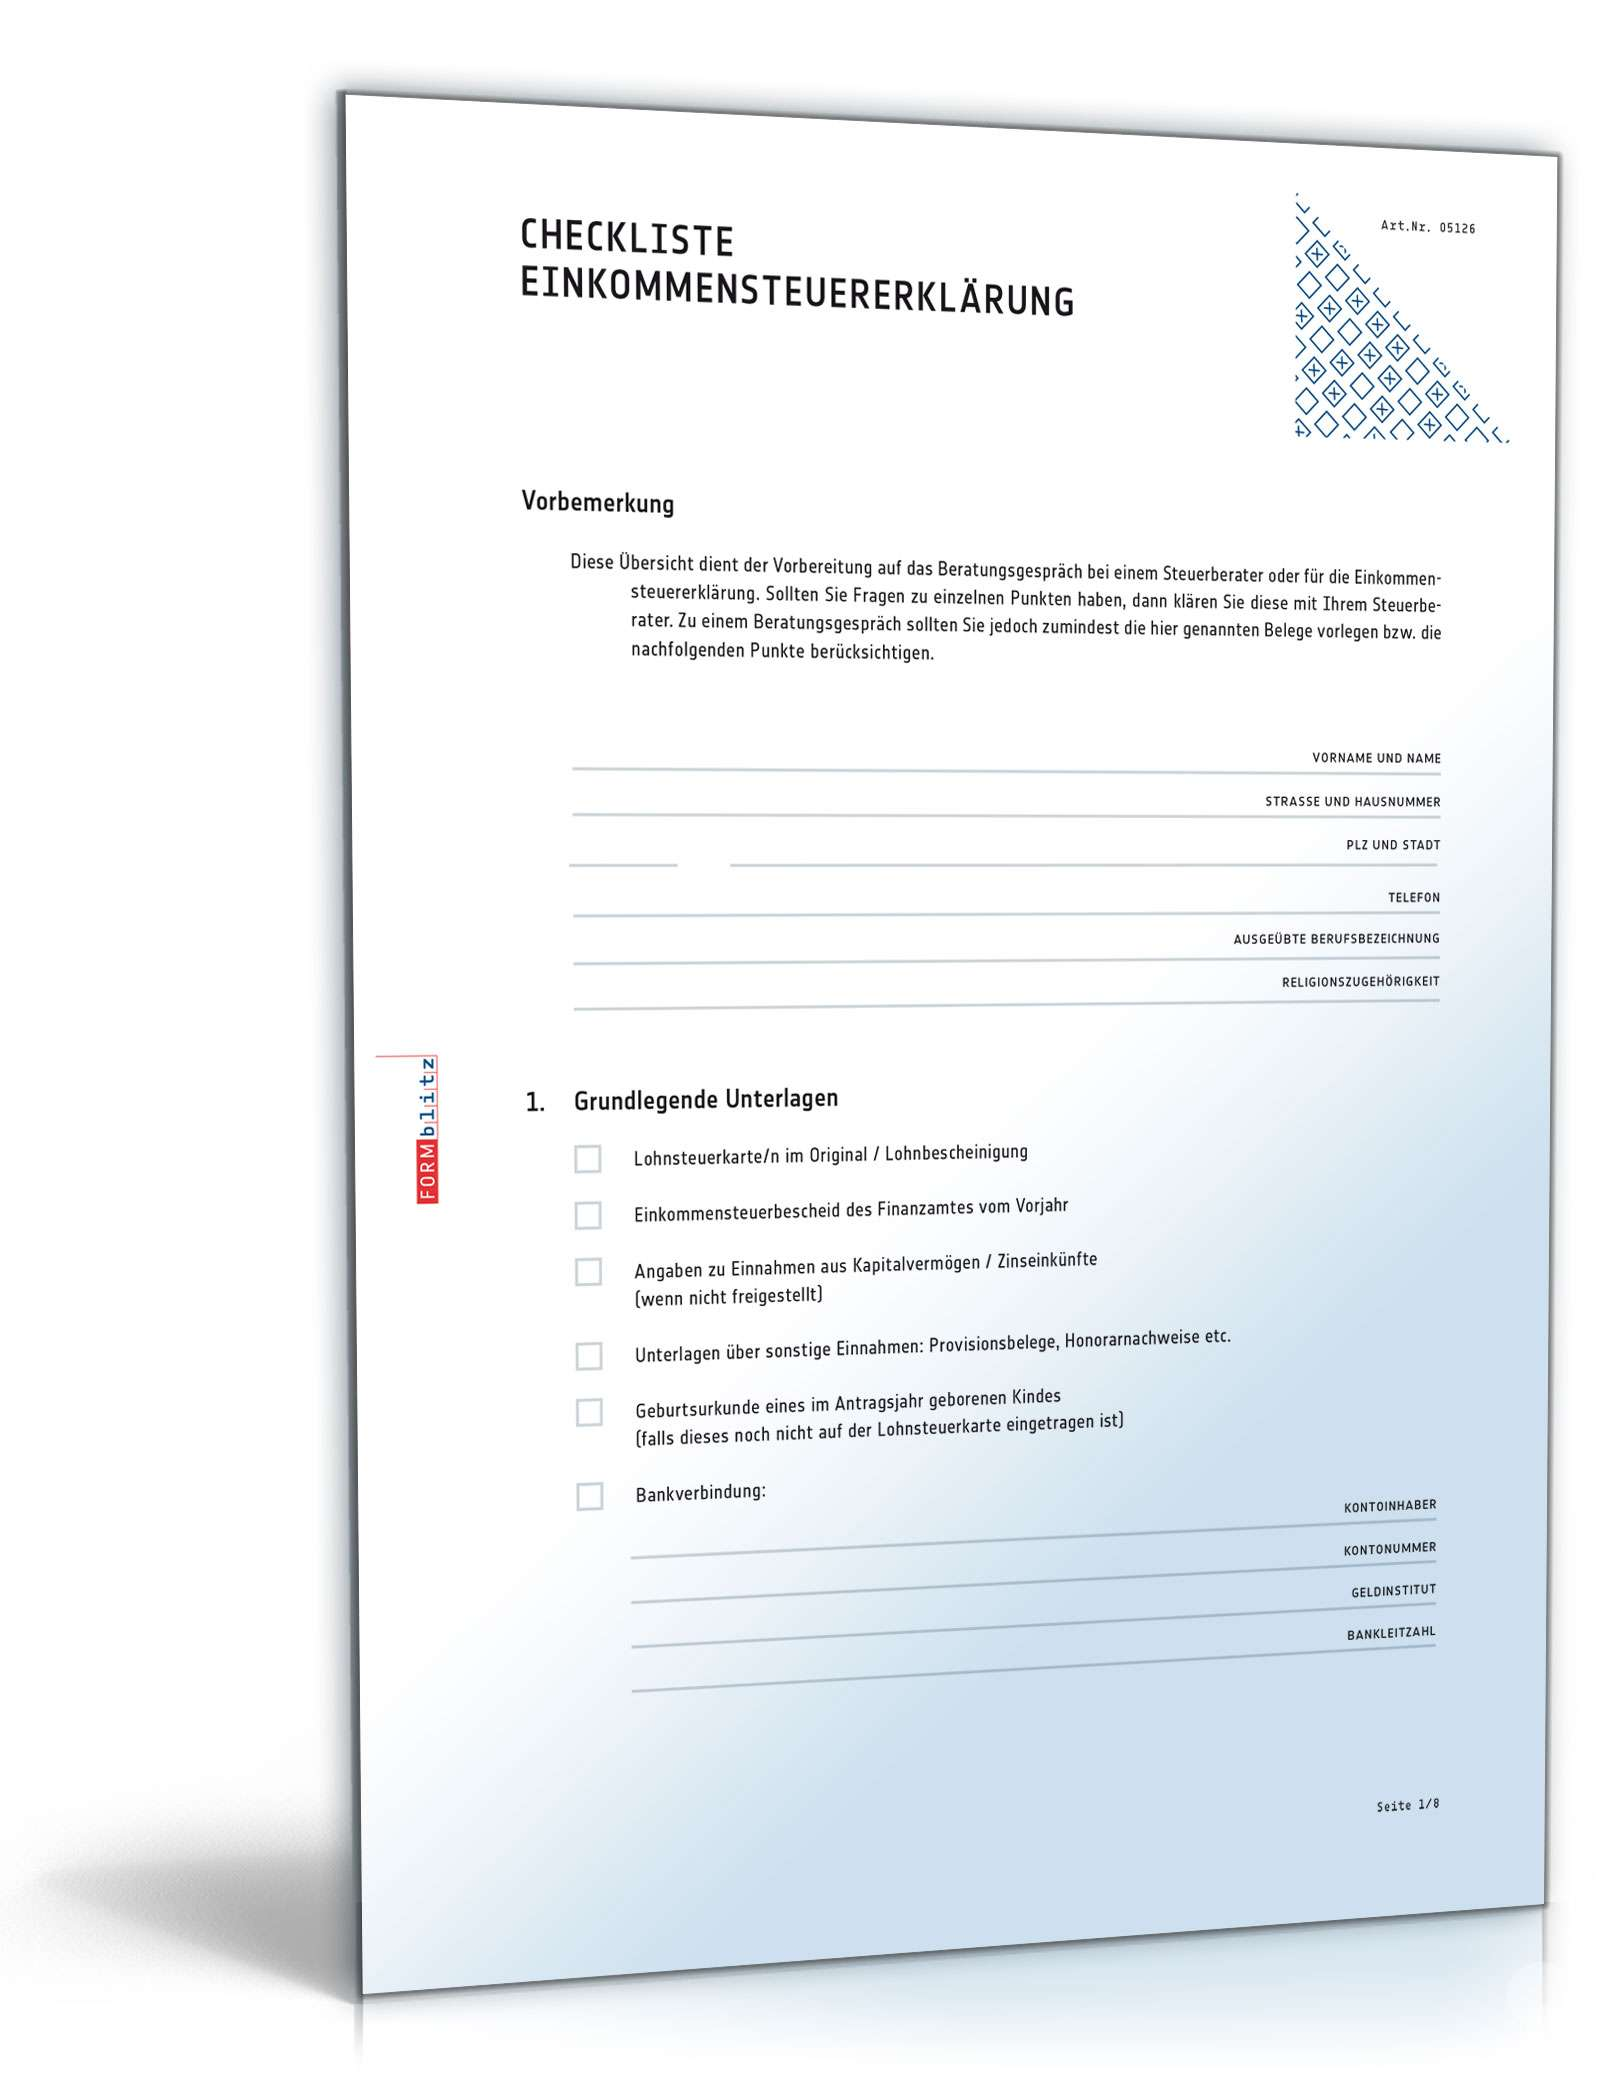 Musterbriefe Unterlagen Schicken : Checkliste zur vorbereitung für ein gespräch beim